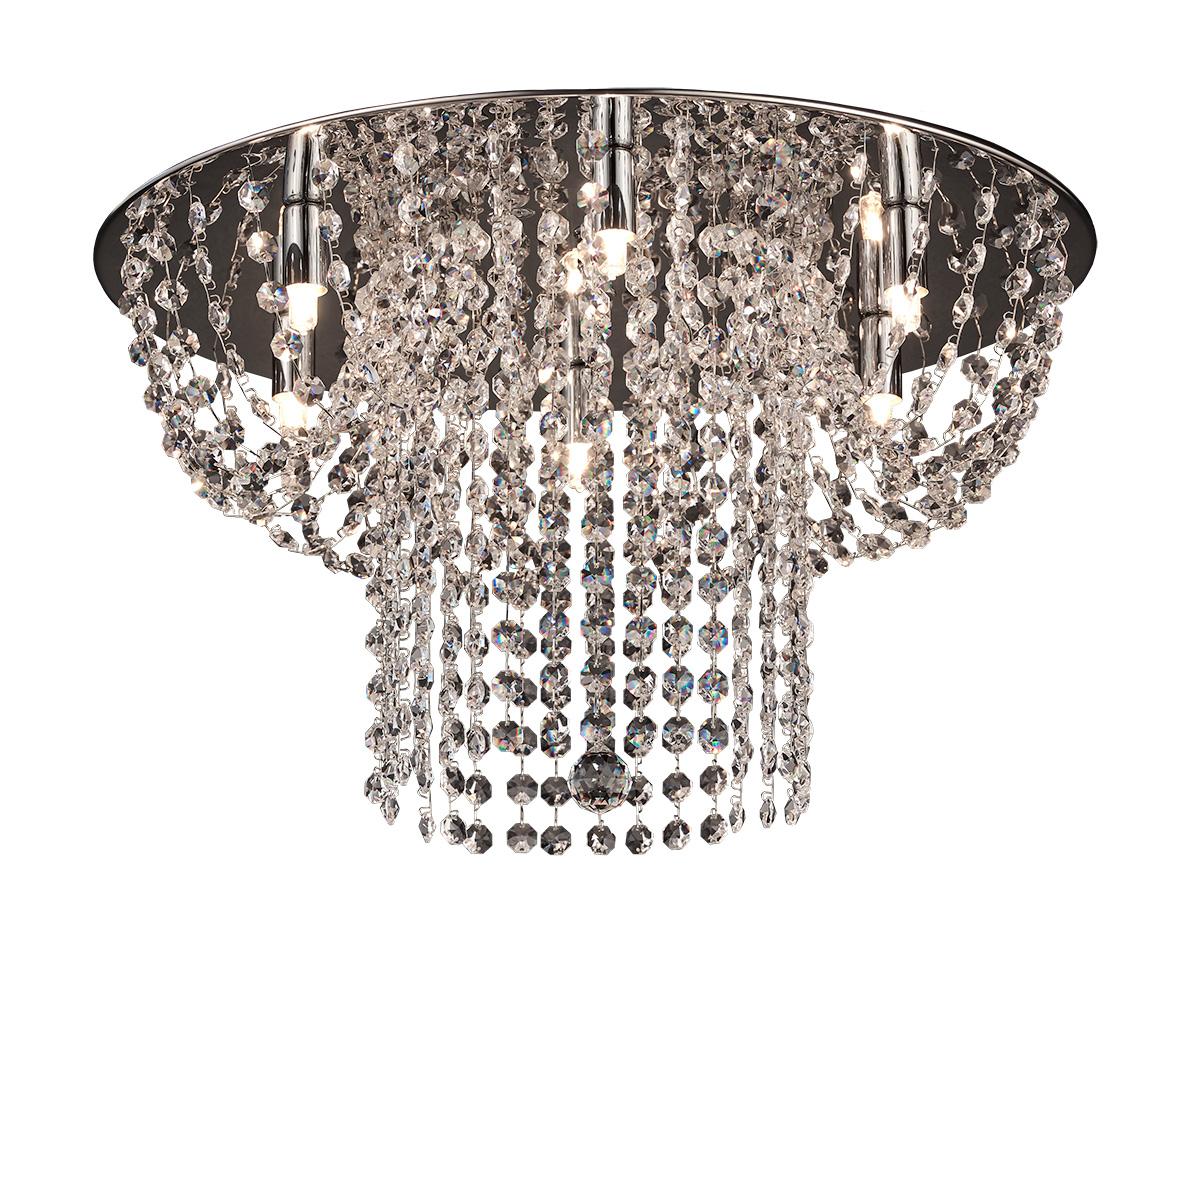 Φωτιστικό οροφής με κρύσταλλα ΕΡΜΗΣ modern ceiling lamp with crystal accents